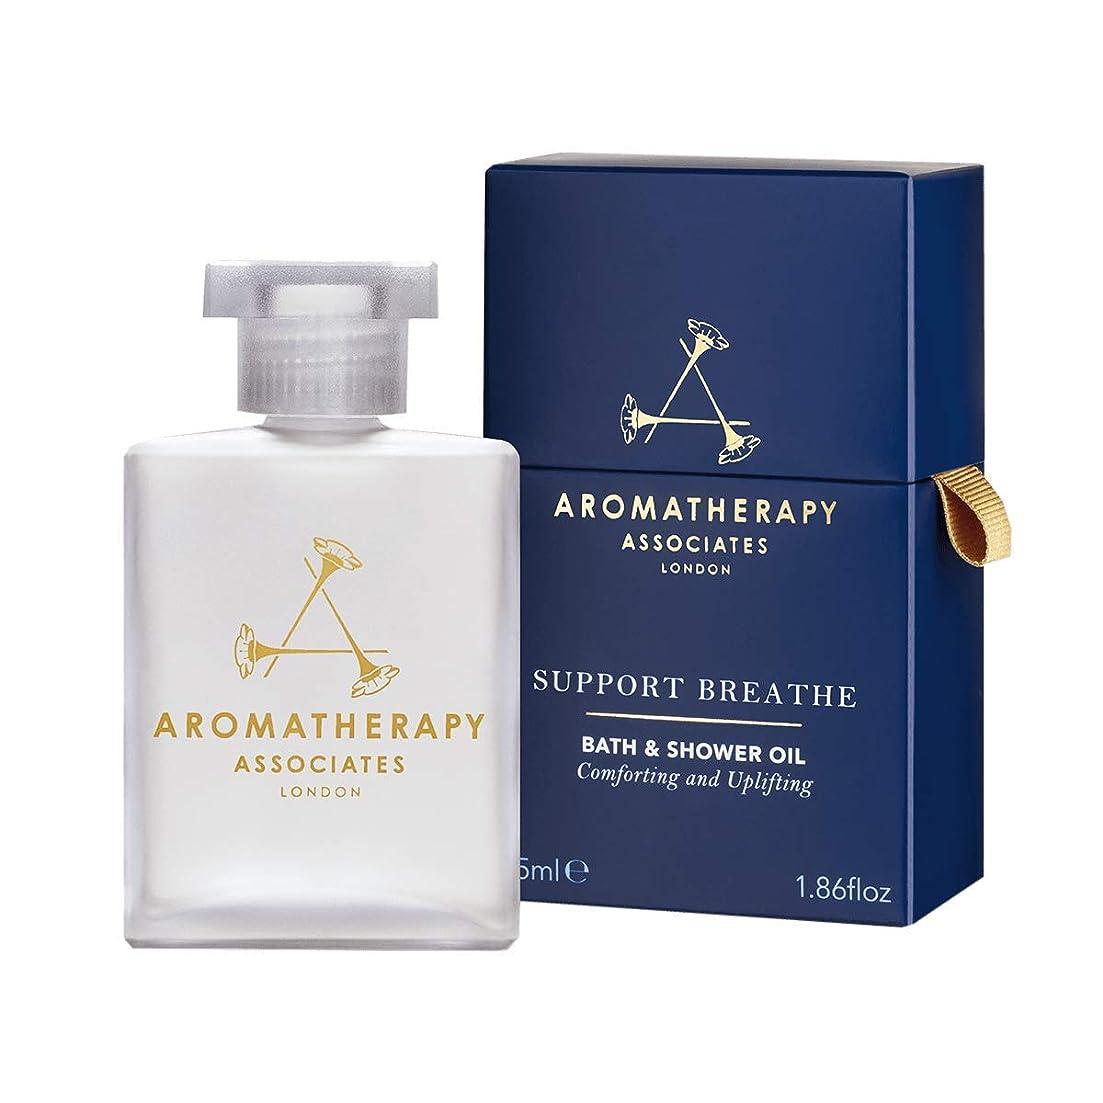 インシデントナラーバー繊維アロマセラピー アソシエイツ(Aromatherapy Associates) サポート ブリーズ バスアンドシャワーオイル 55ml [海外直送品] [並行輸入品]